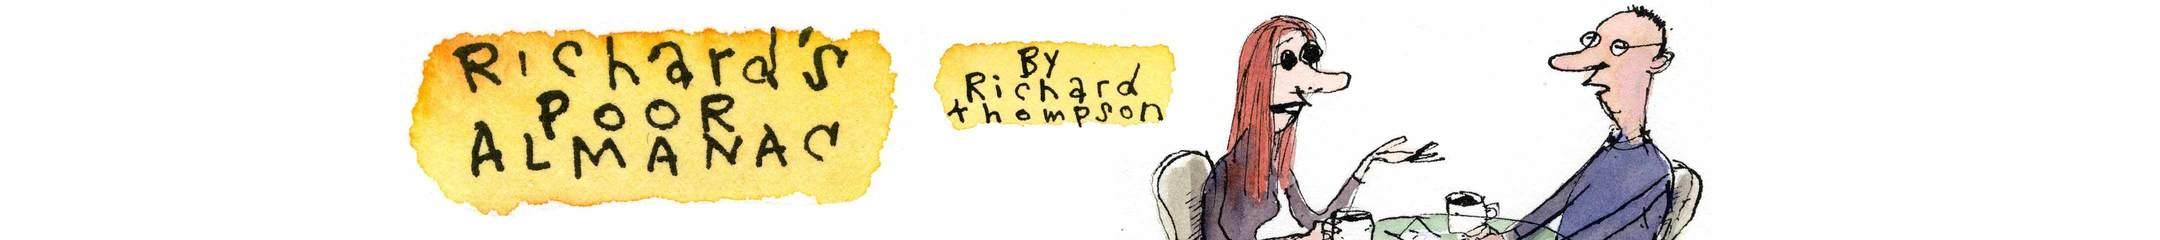 Richard's Poor Almanac